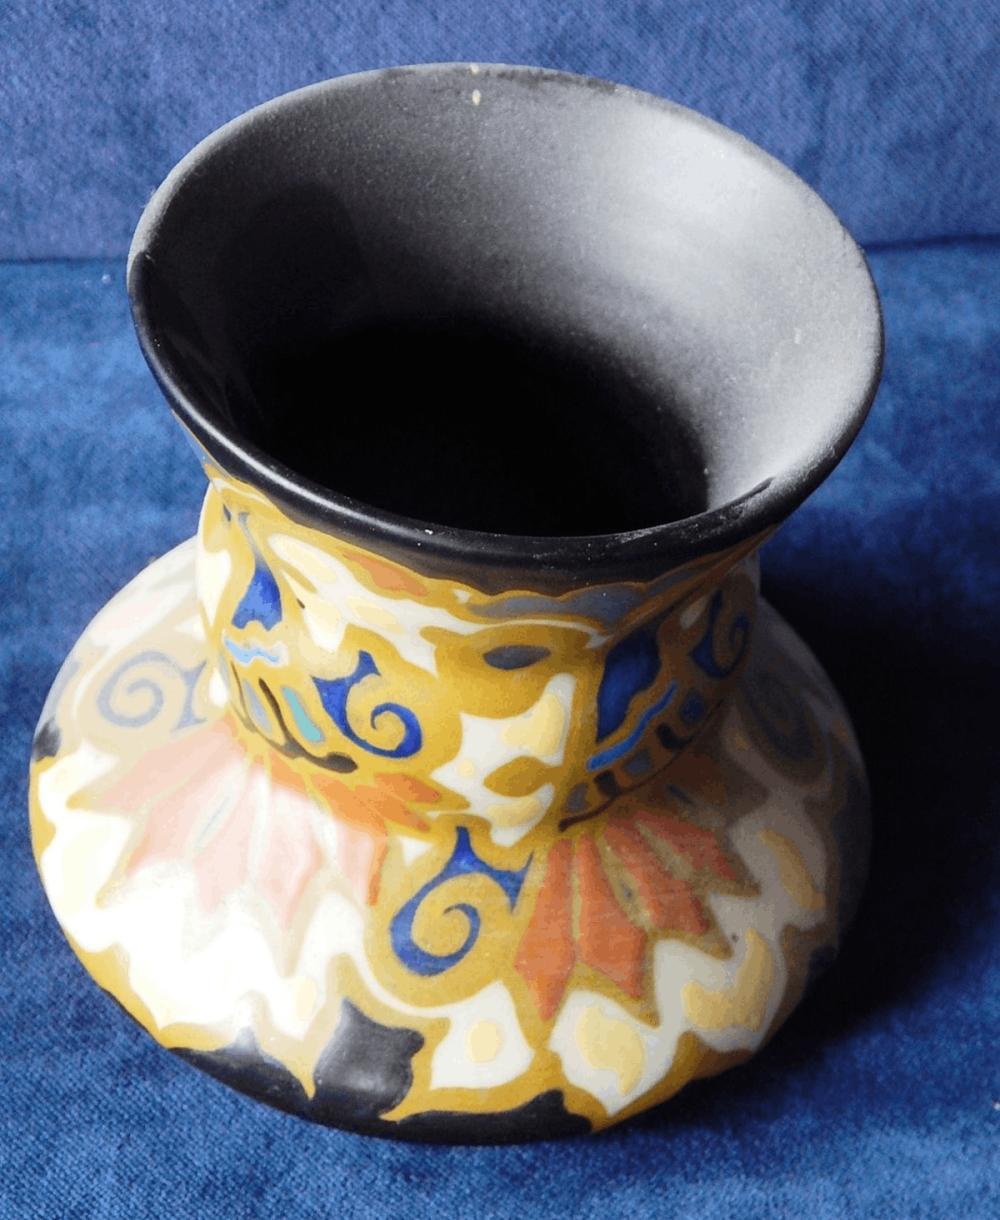 Bauchige Vase,Keramik,Gouda,bodenseitig bezeichnet Regina 468,Darla,Gouda,Holland,Höhe ca.11,5cm,Durchmesser ca.12,5cm